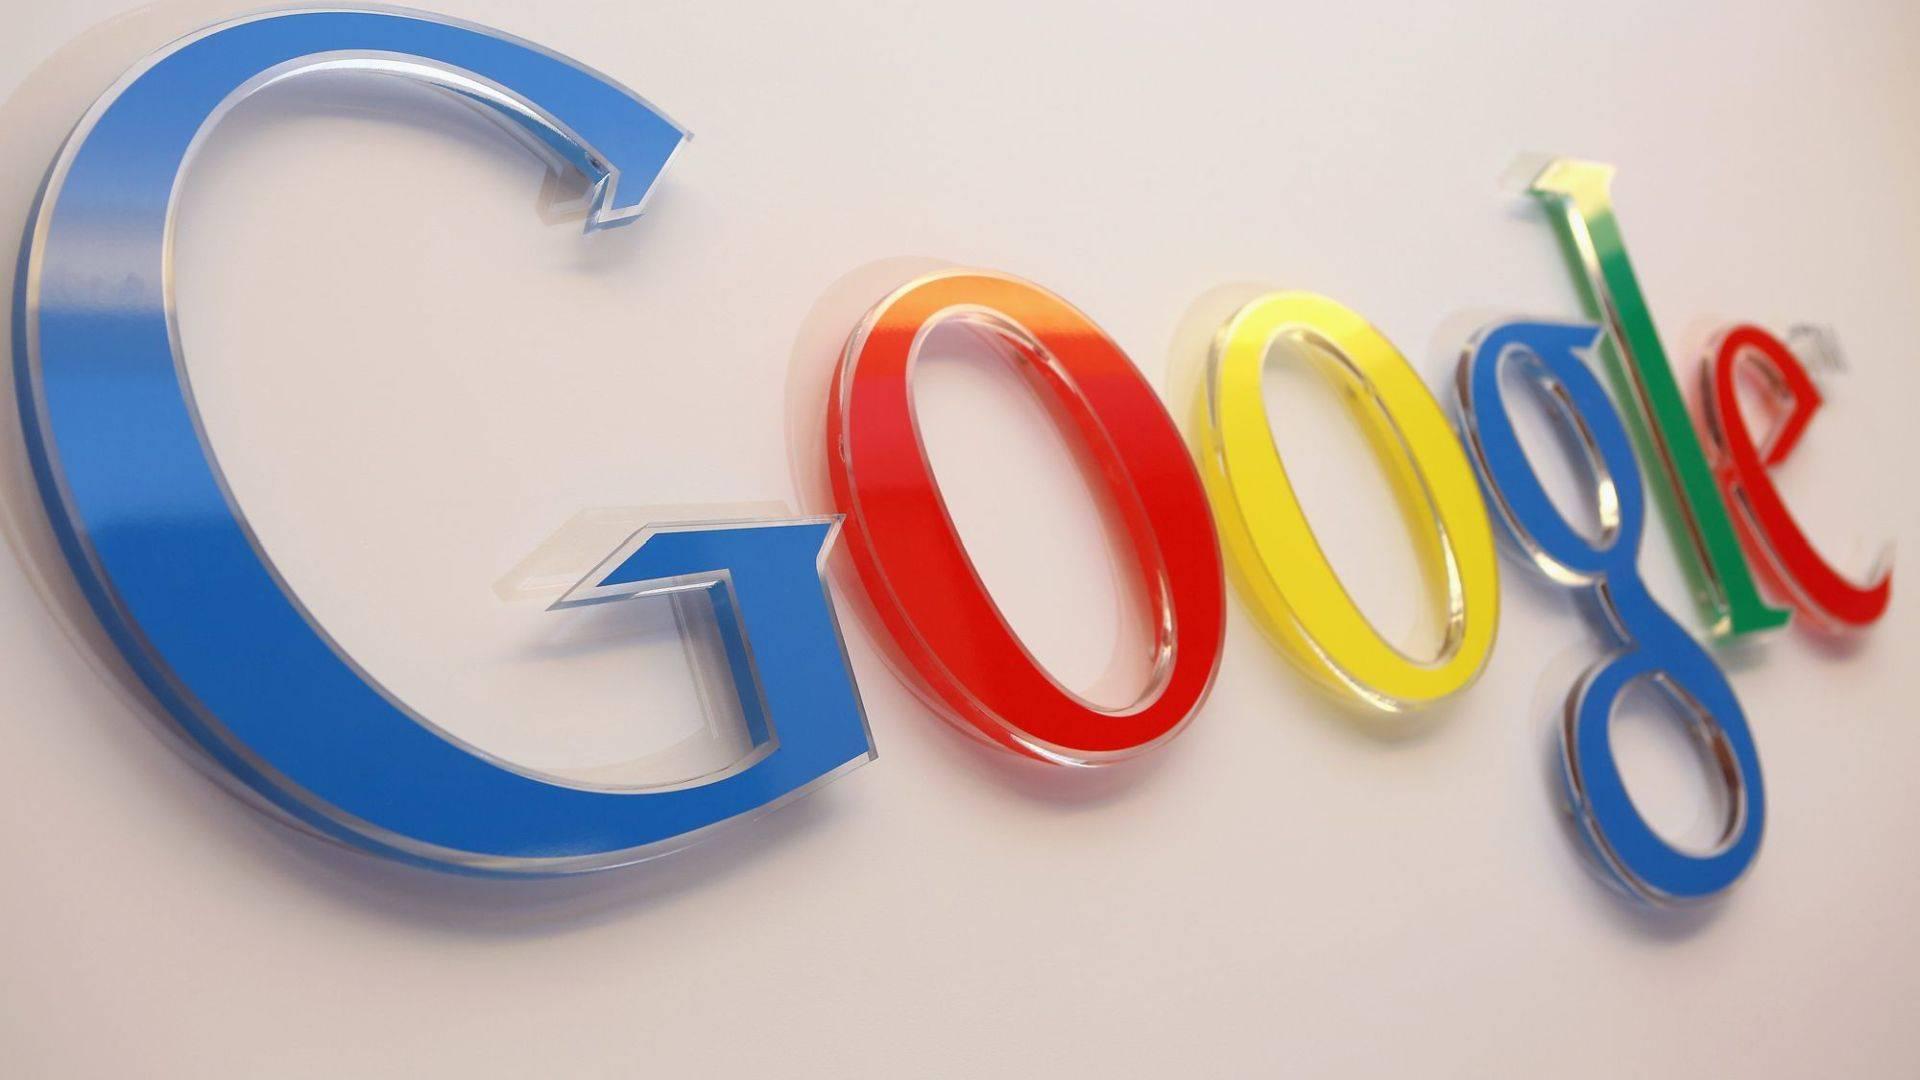 Cae Google Cloud y con ello muchas aplicaciones están inutilizables